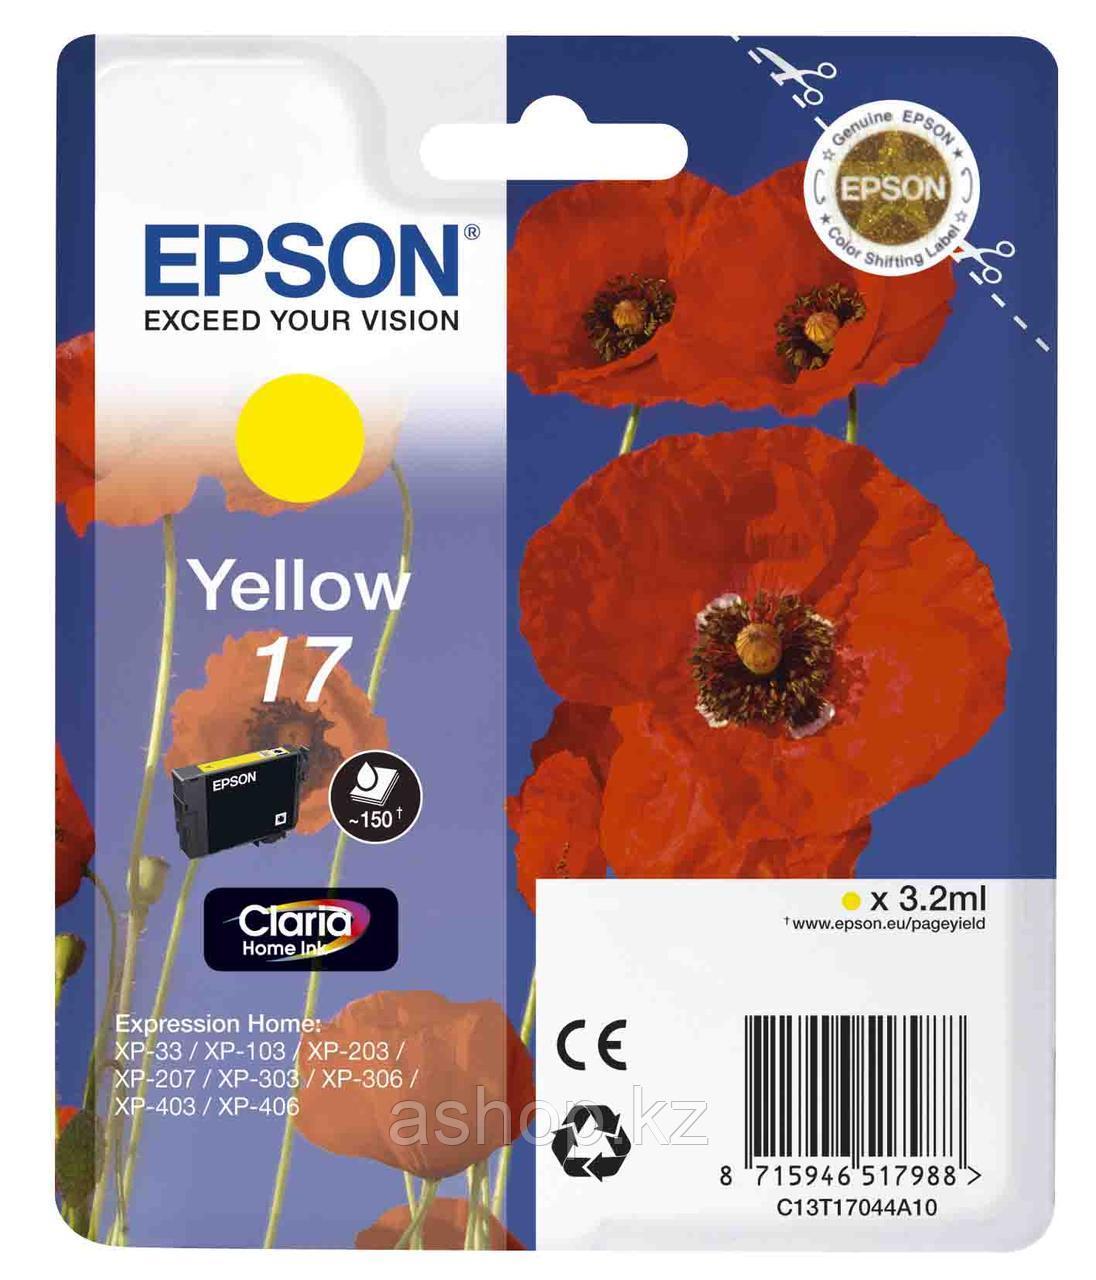 Картридж Epson C13T17044A10 (№17), Объем: 3,2 мл, Копий ( ISO 19752): 150, Цвет: Жёлтый, Совместимость: Expres